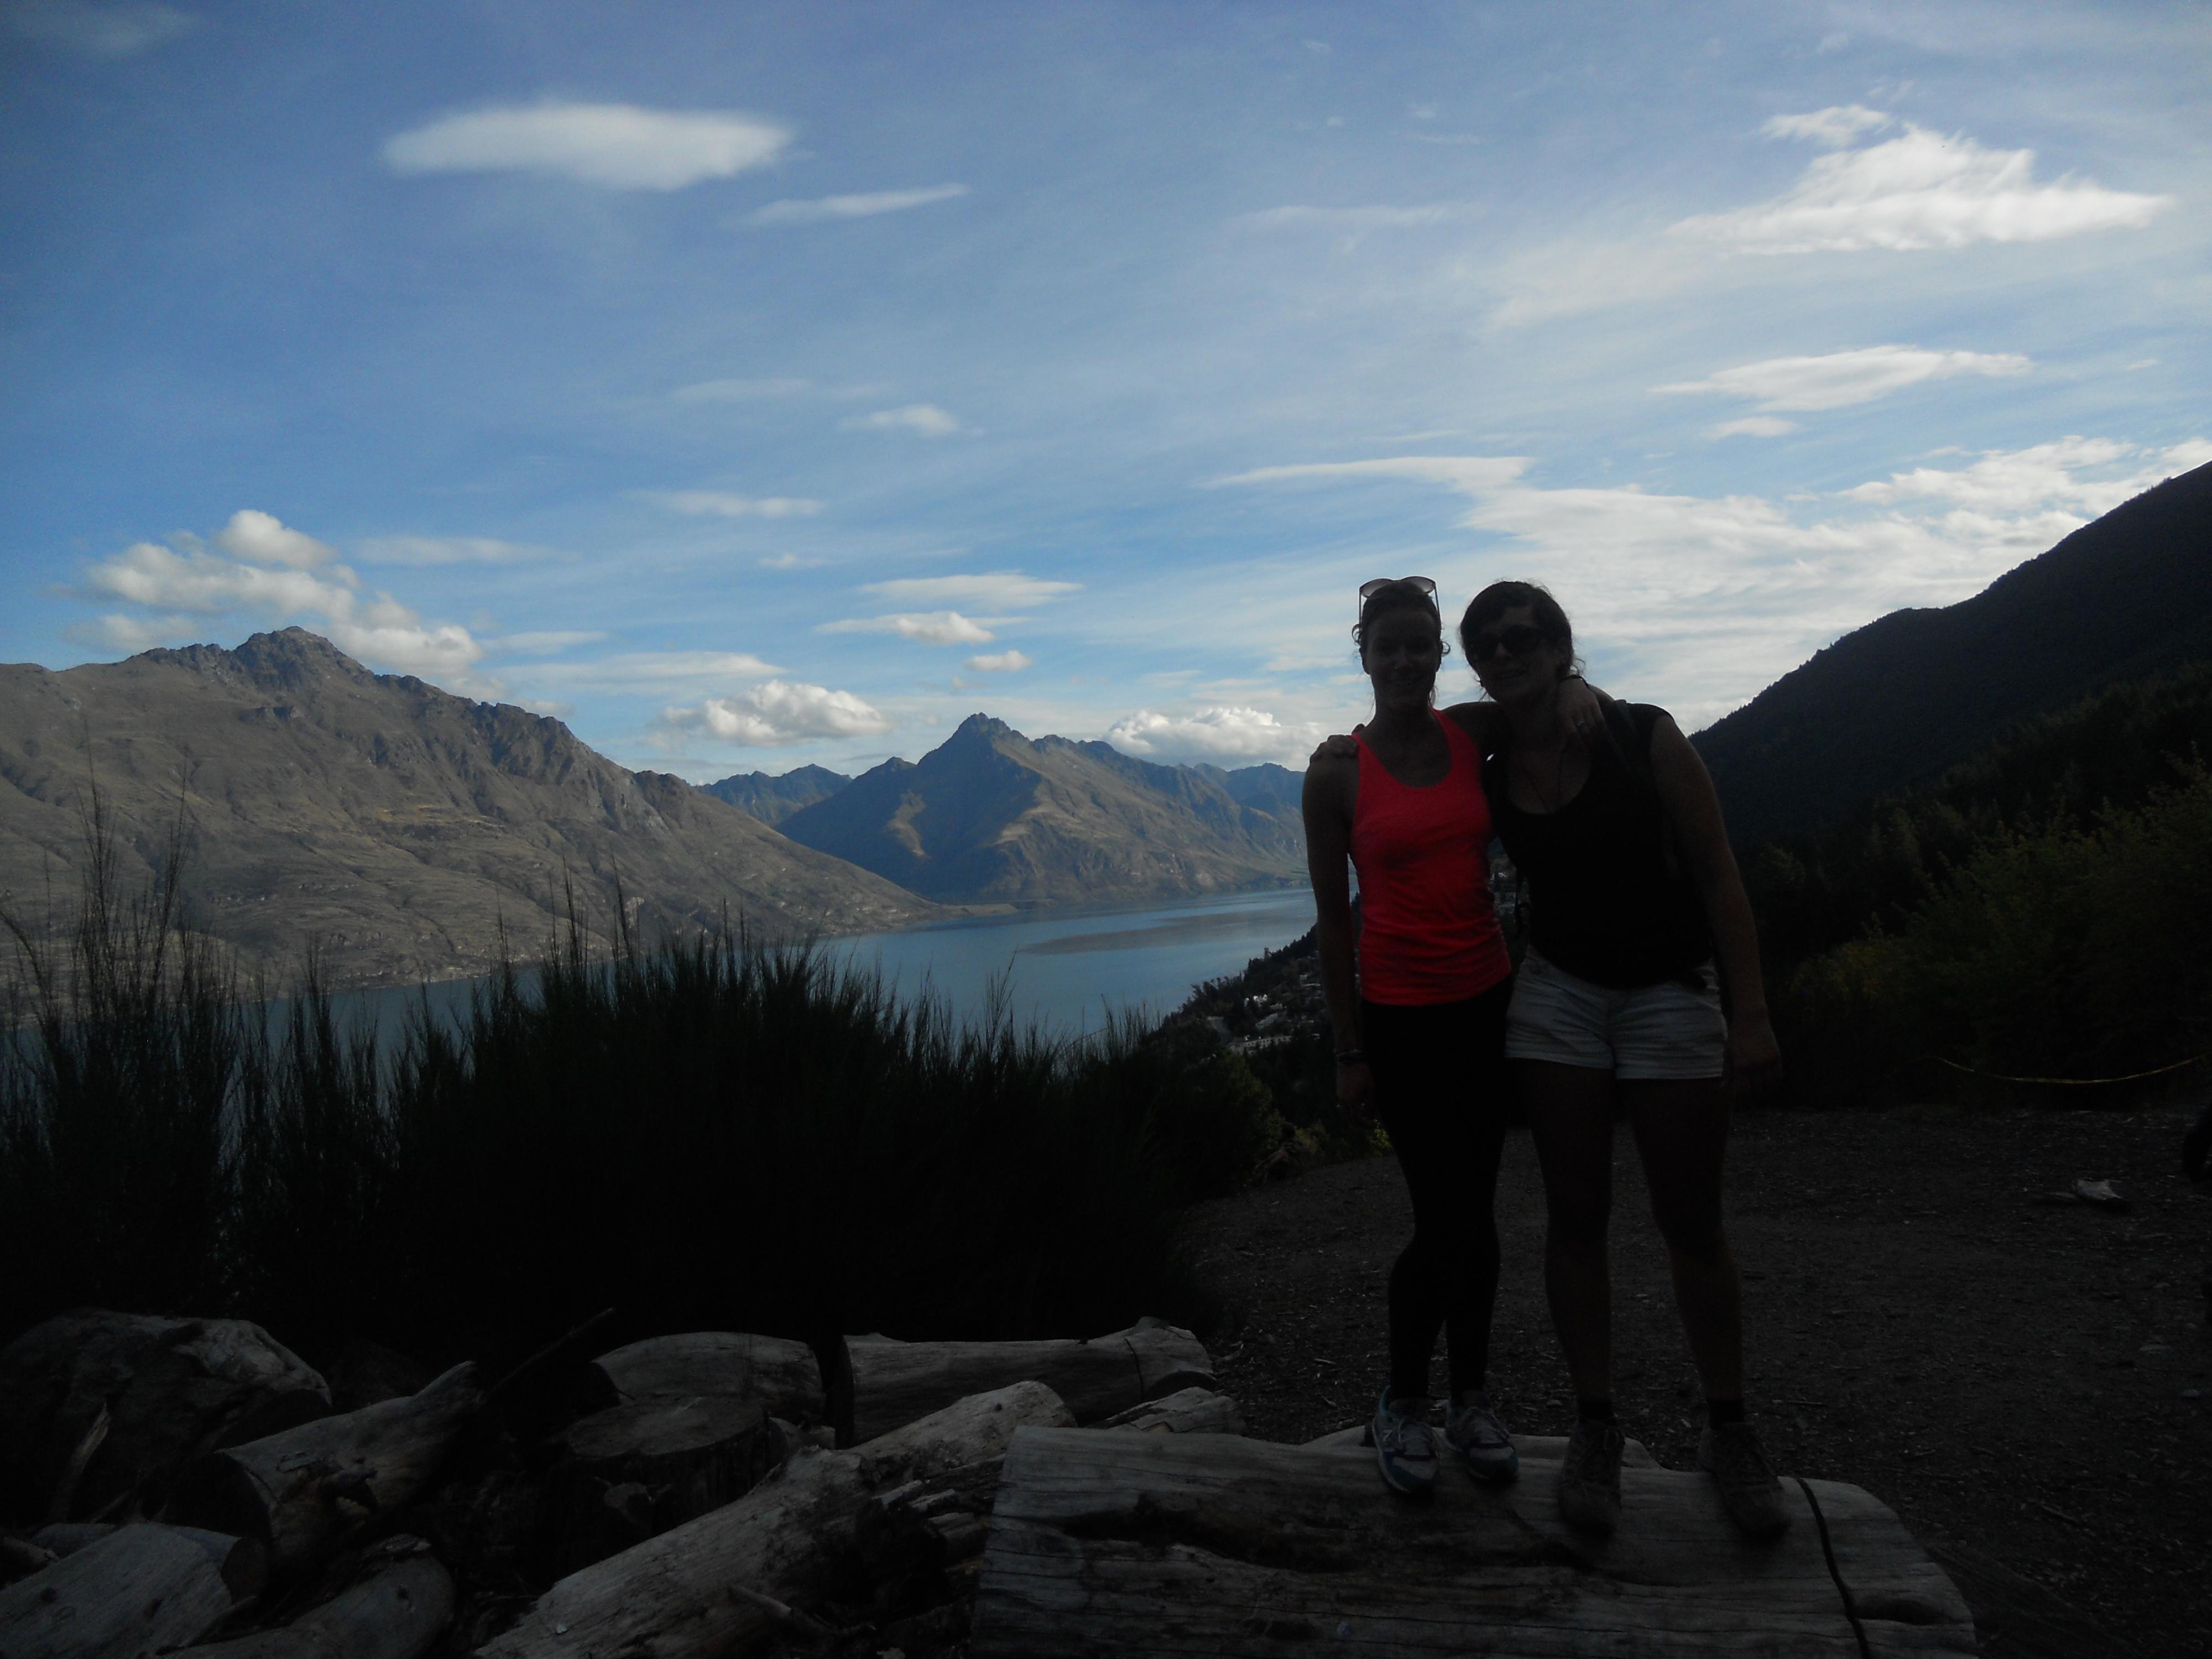 deux backpackers en nouvelle-zélande